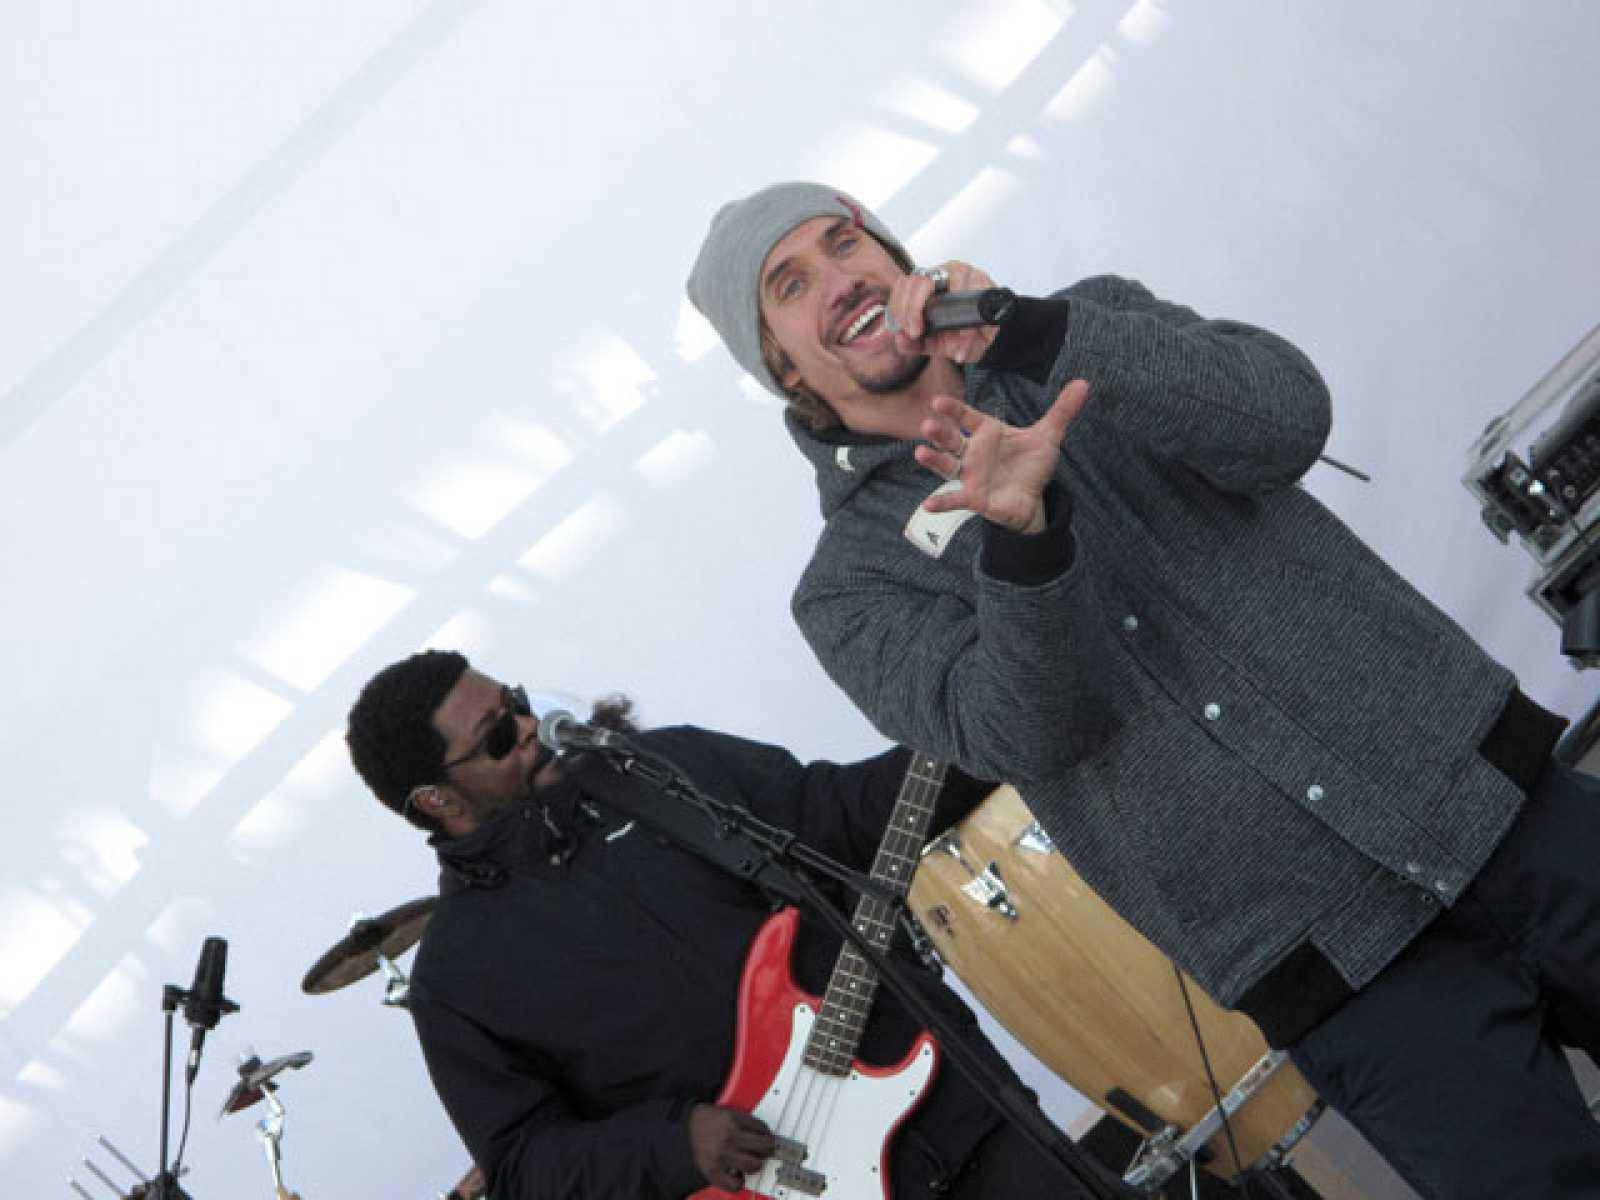 Miniconcierto y entrevista con Macado en la Ciudad del Rock